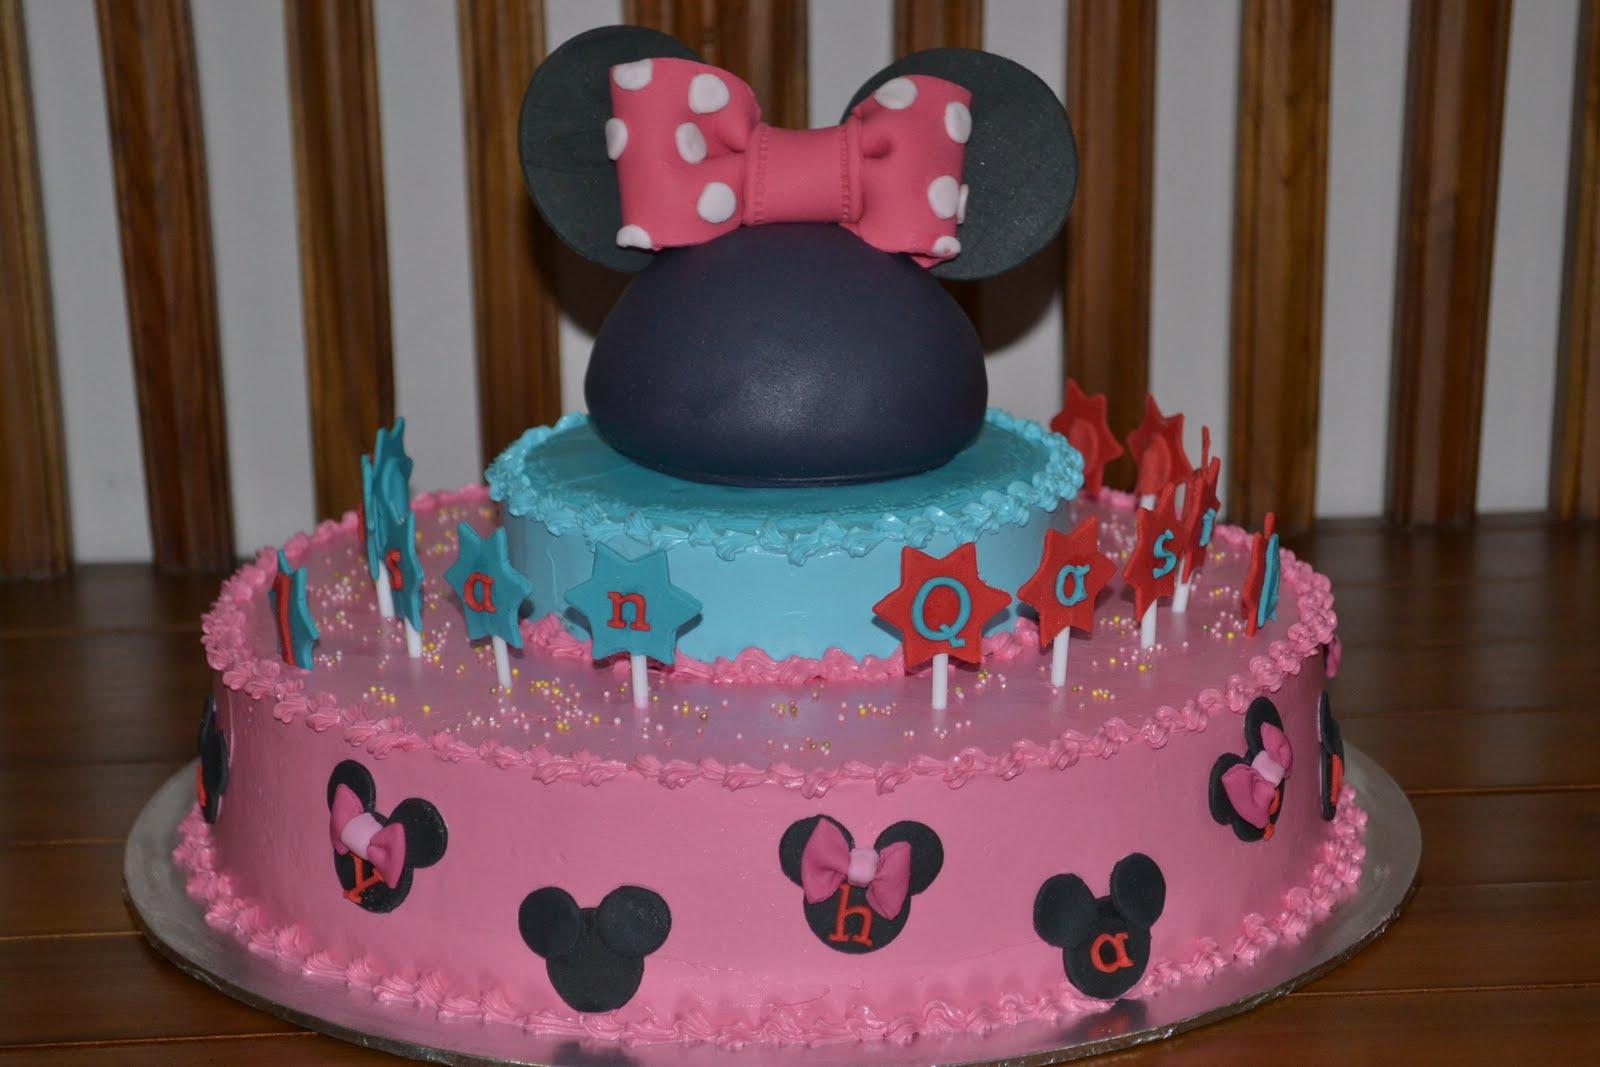 Mypu3 Cake House Mini Mouse Cake